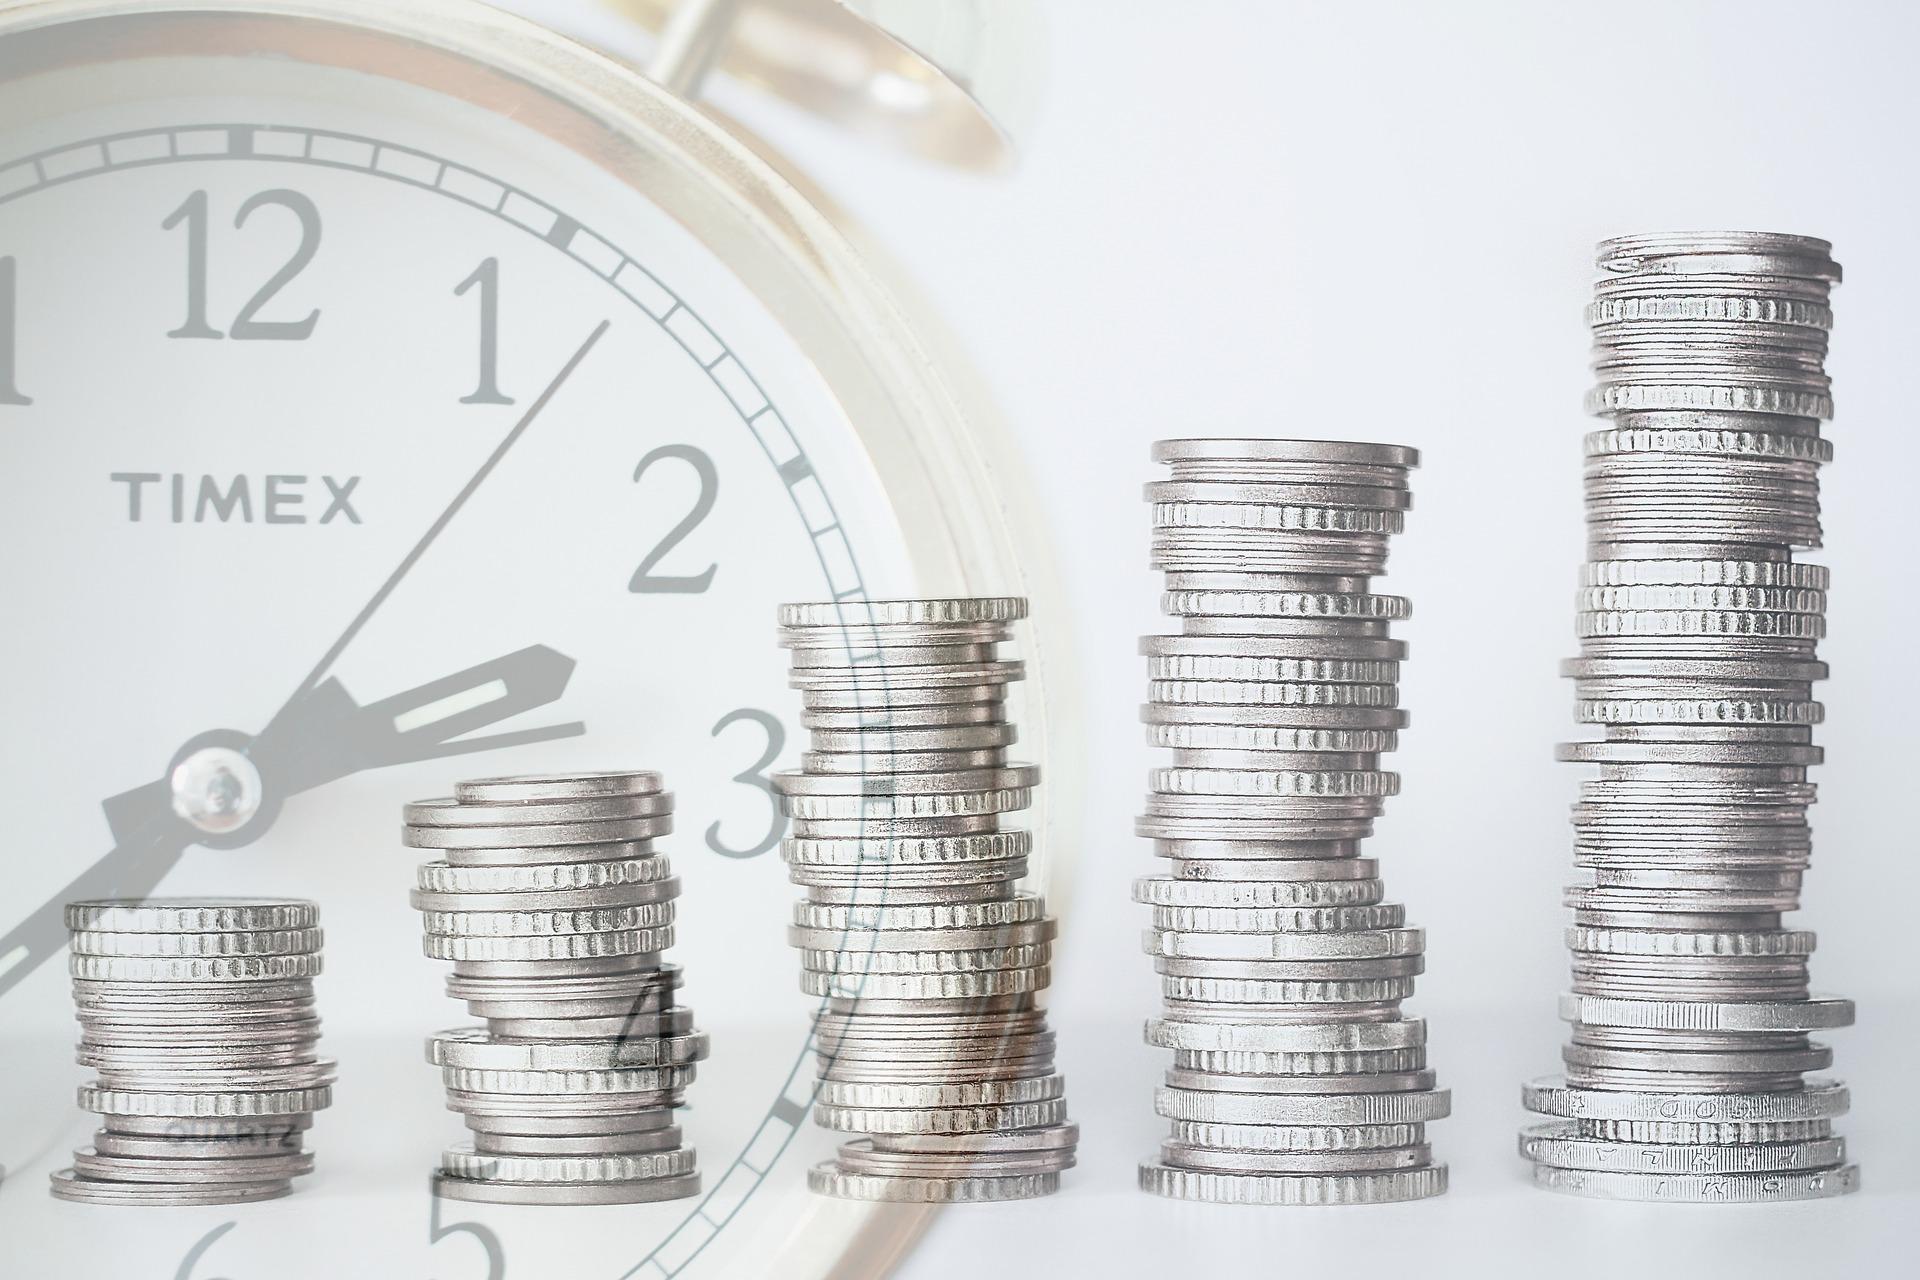 Świąteczne wydatki wyższe niż przed rokiem – sięgnij po szybką pożyczkę